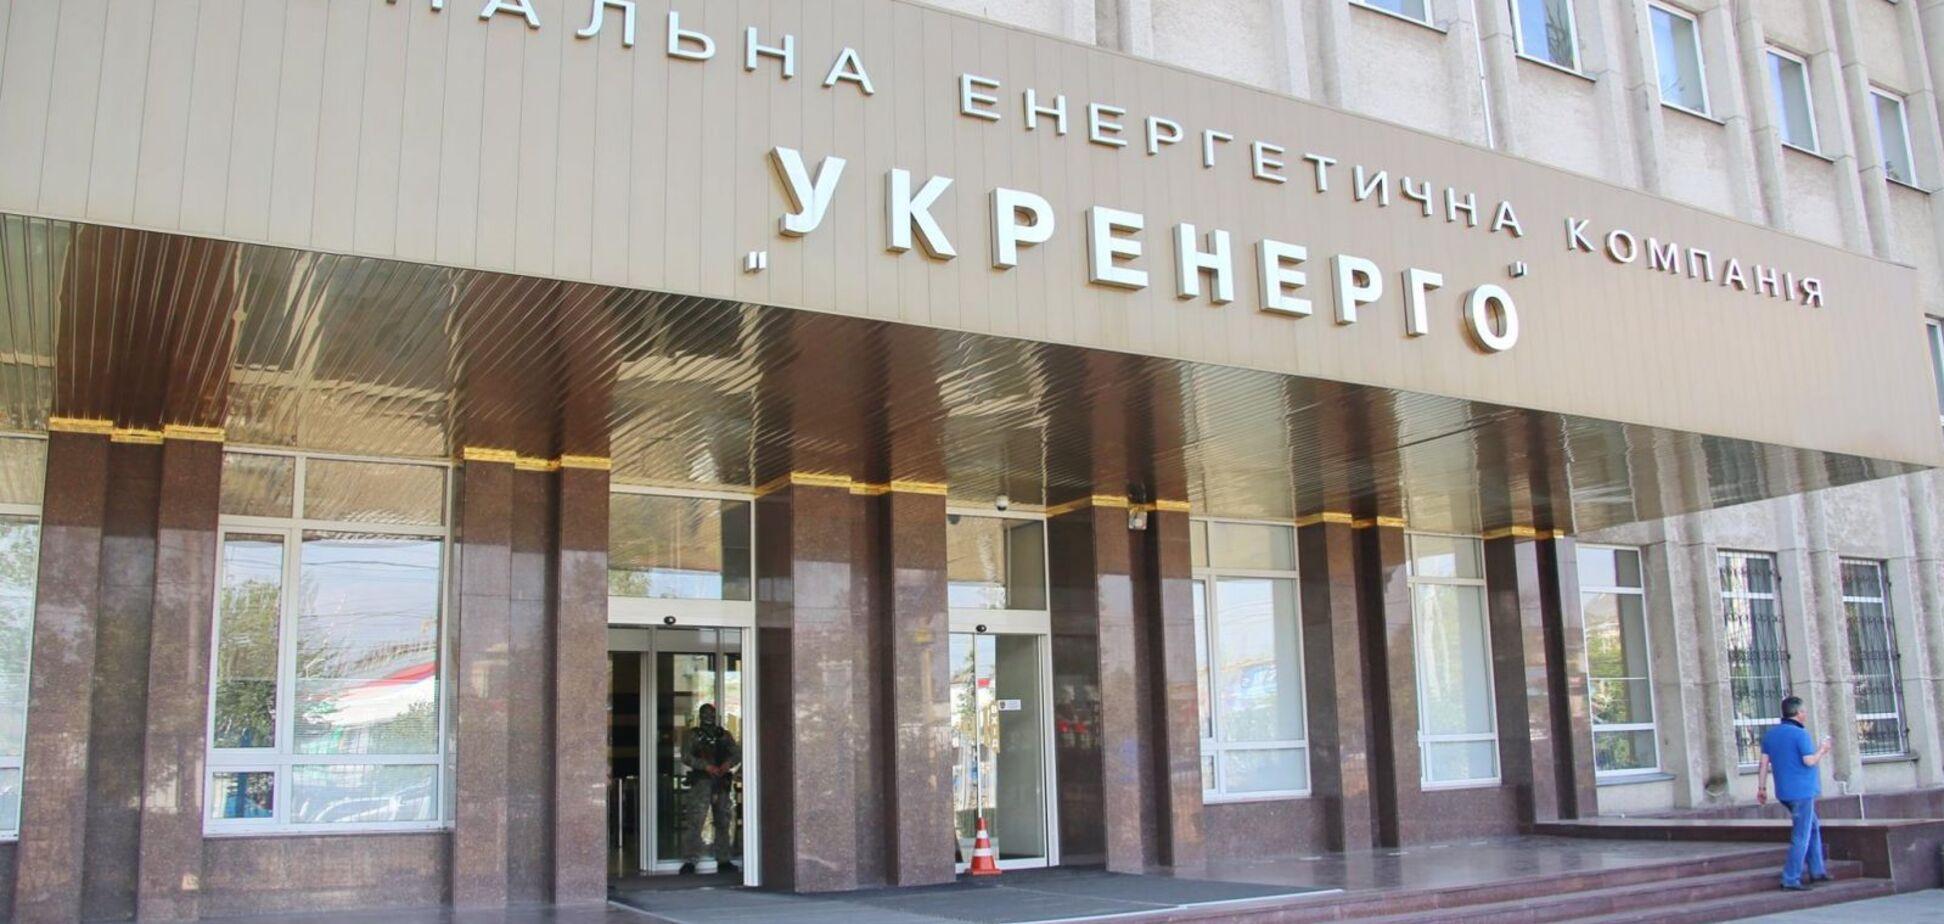 Рост тарифа НЭК 'Укрэнерго' на передачу электроэнергии и диспетчеризацию не является оправданным (Фото: Фокус)